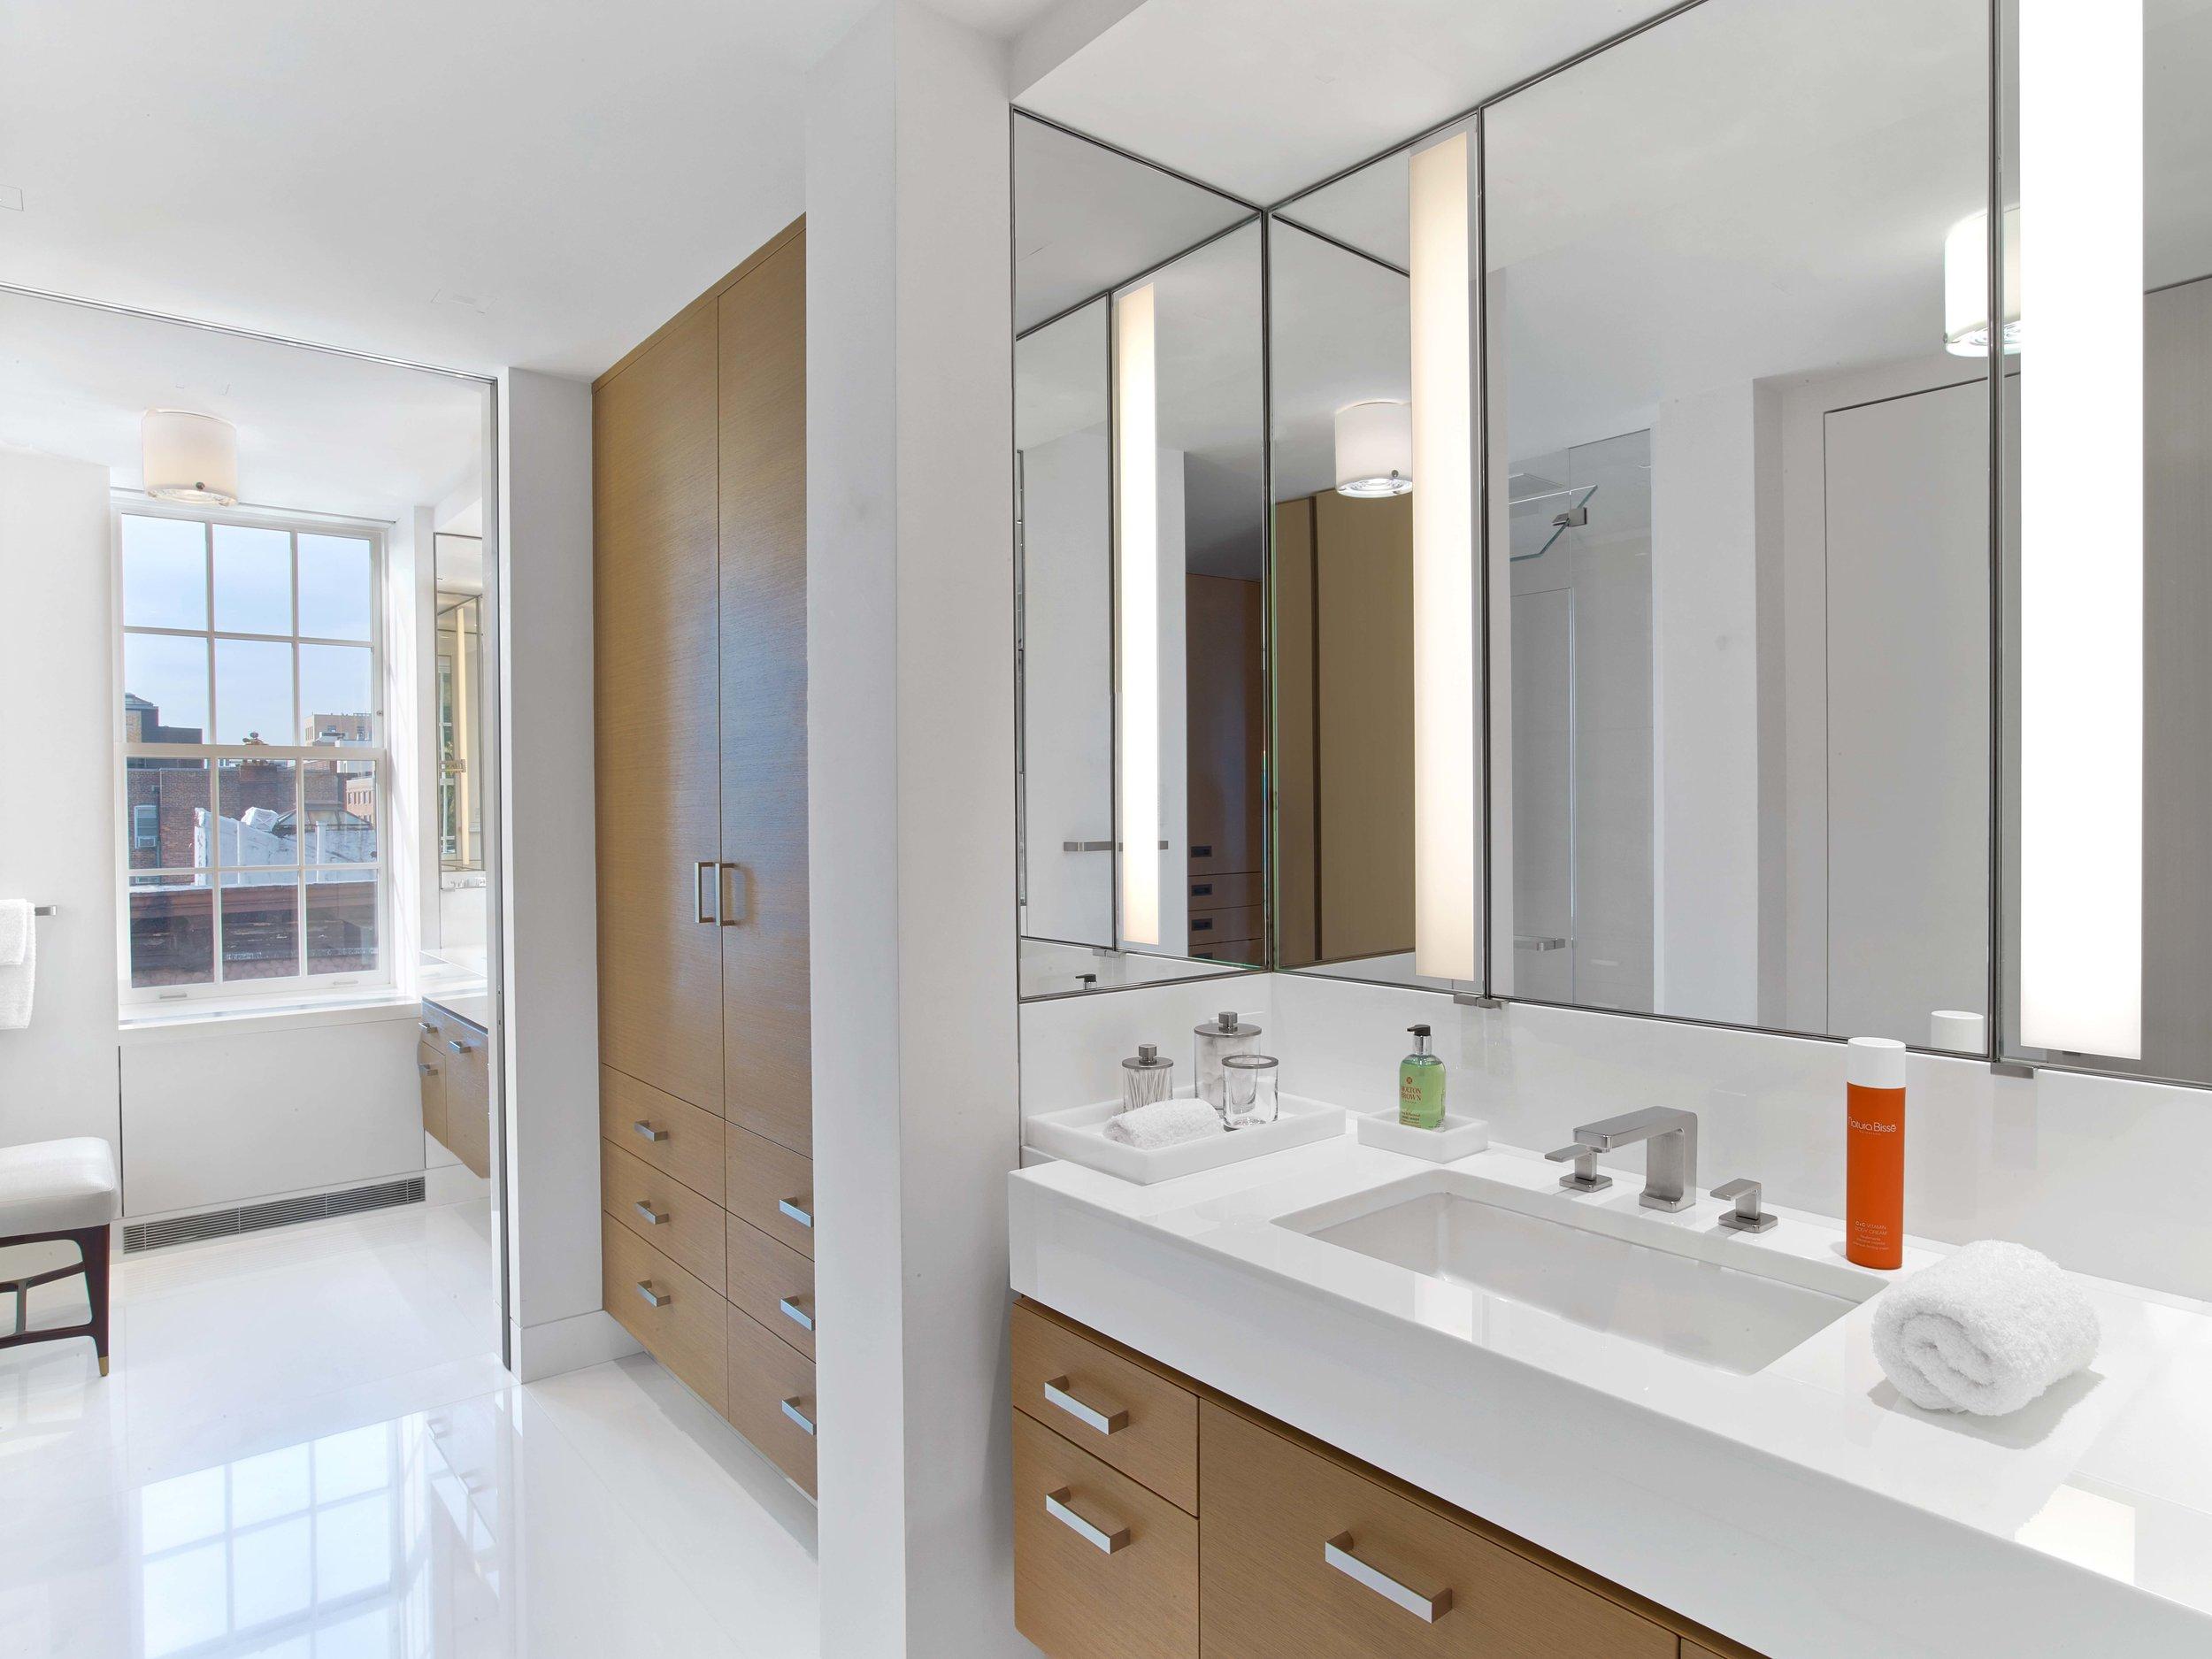 West Village Pied-a-Terre Master Bathroom